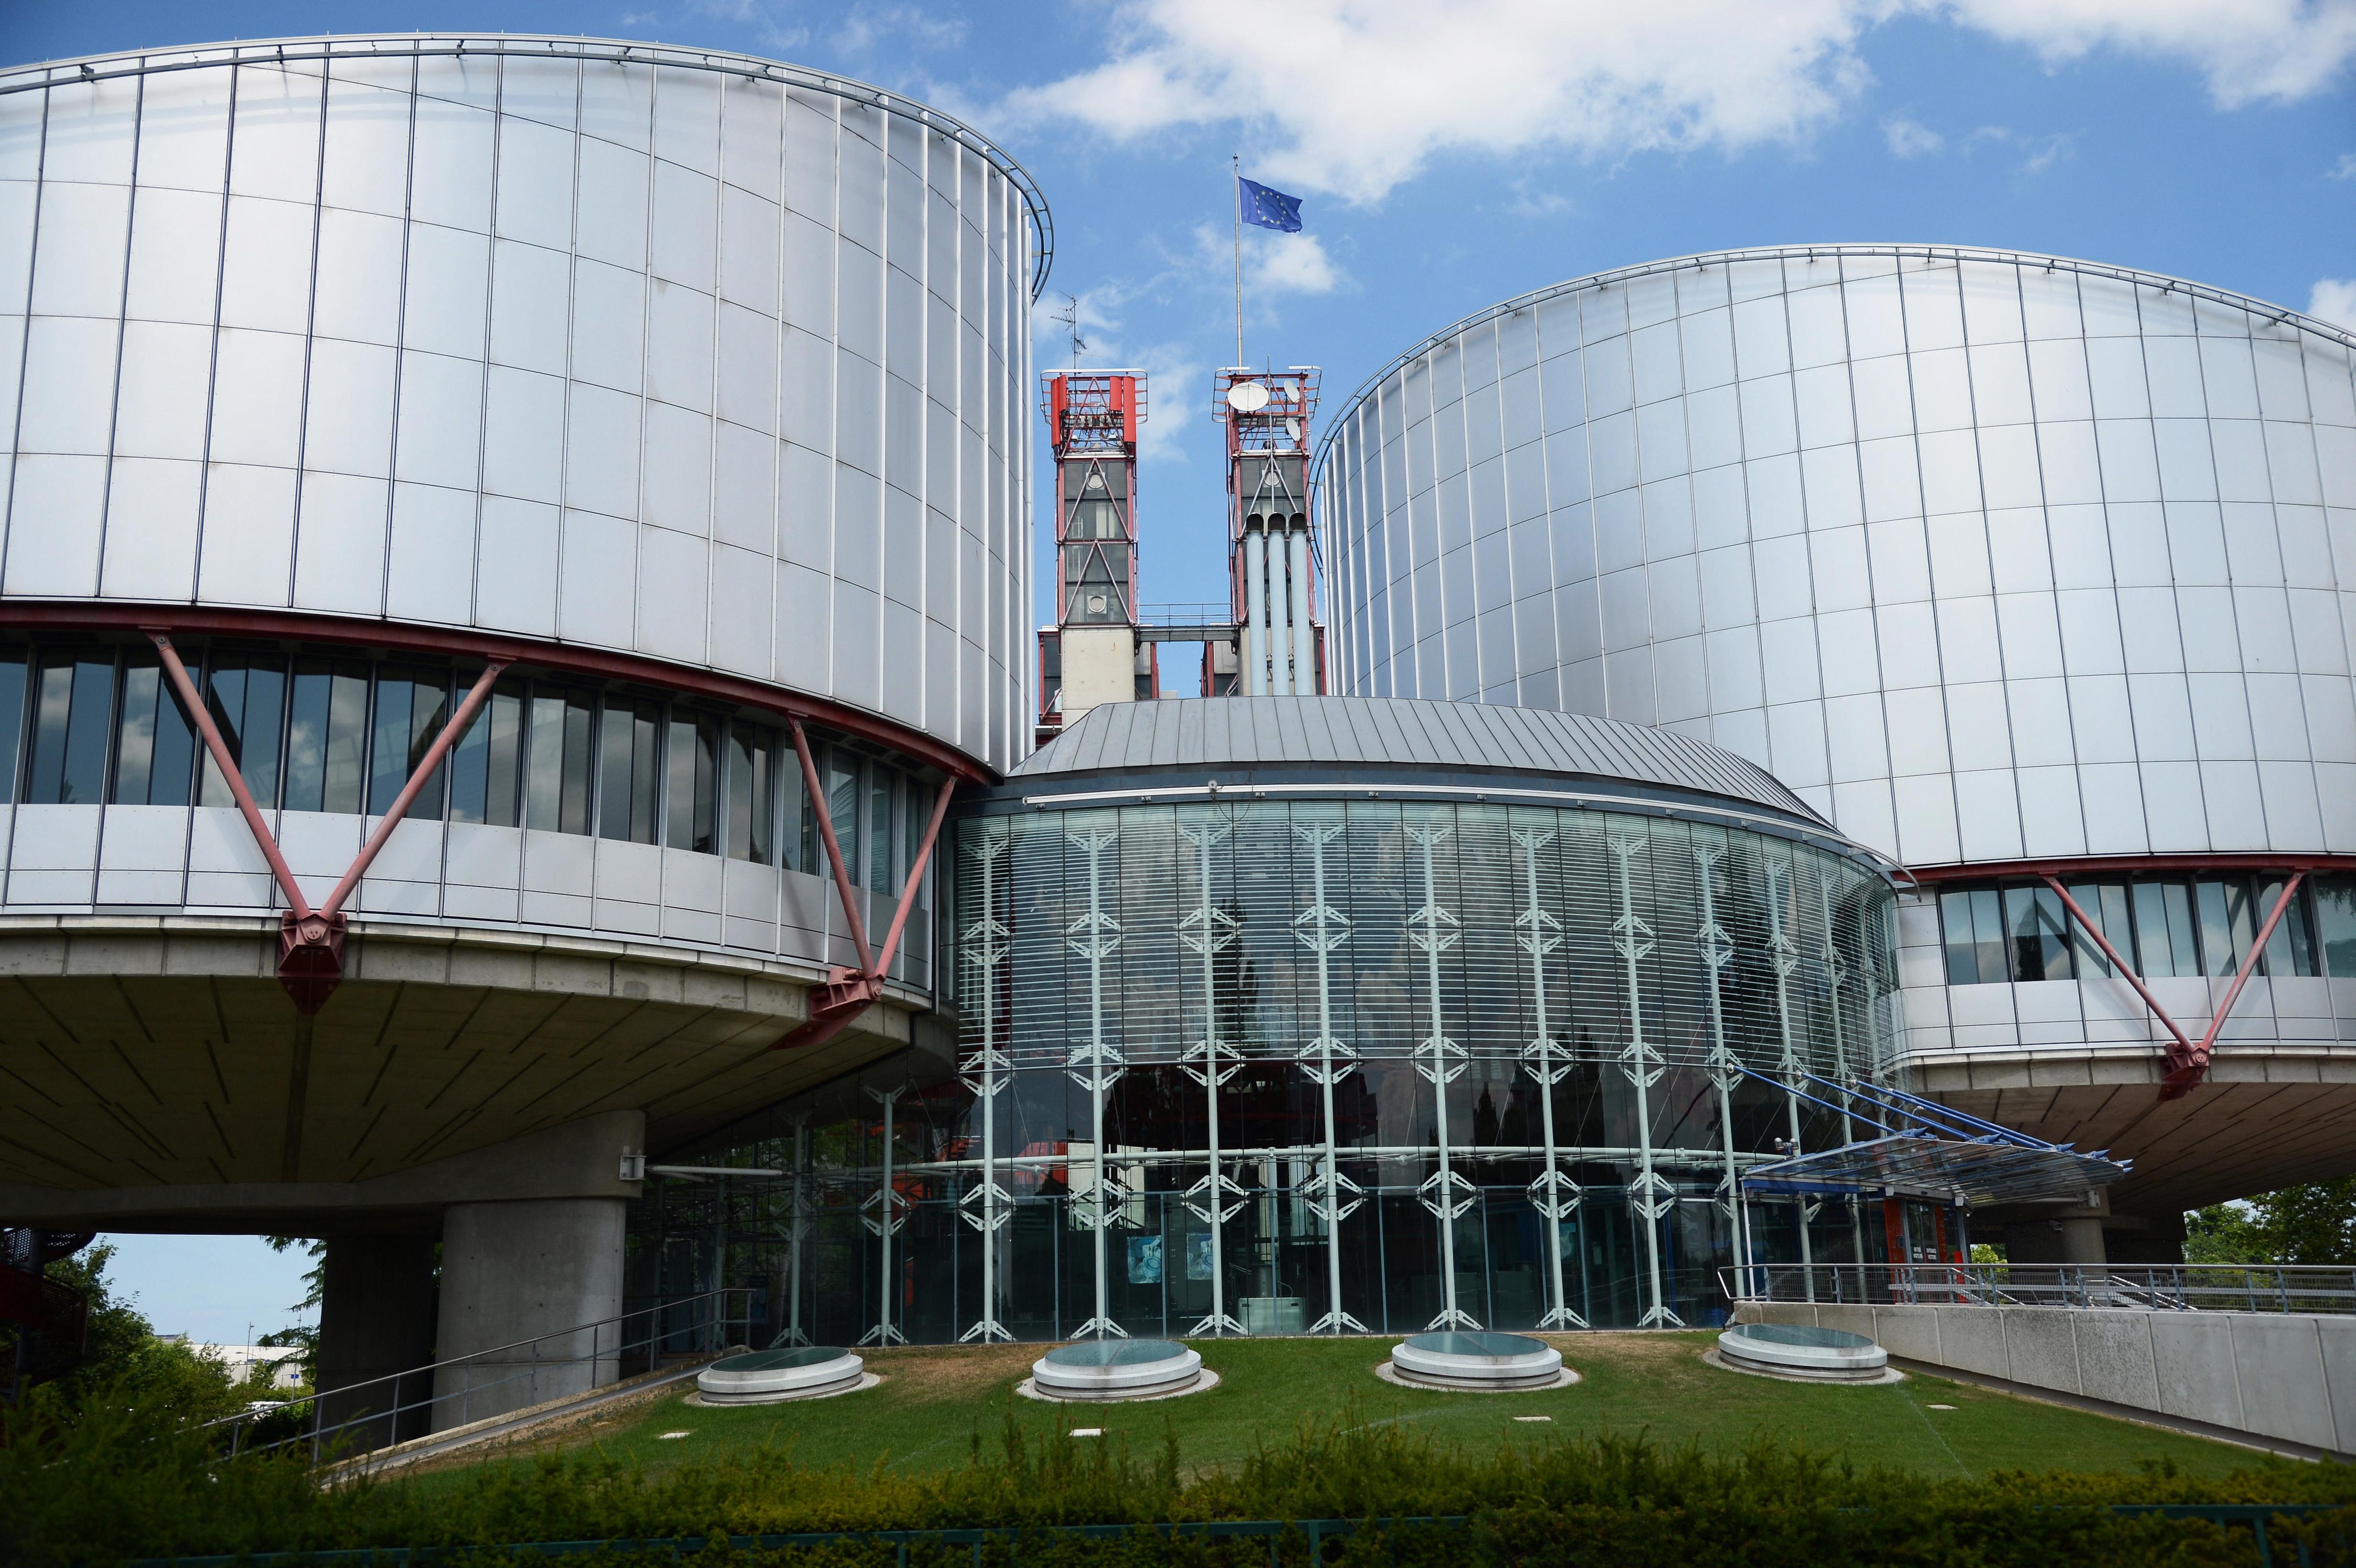 Oroszország bepanaszolta Ukrajnát az Emberi Jogok Európai Bíróságán